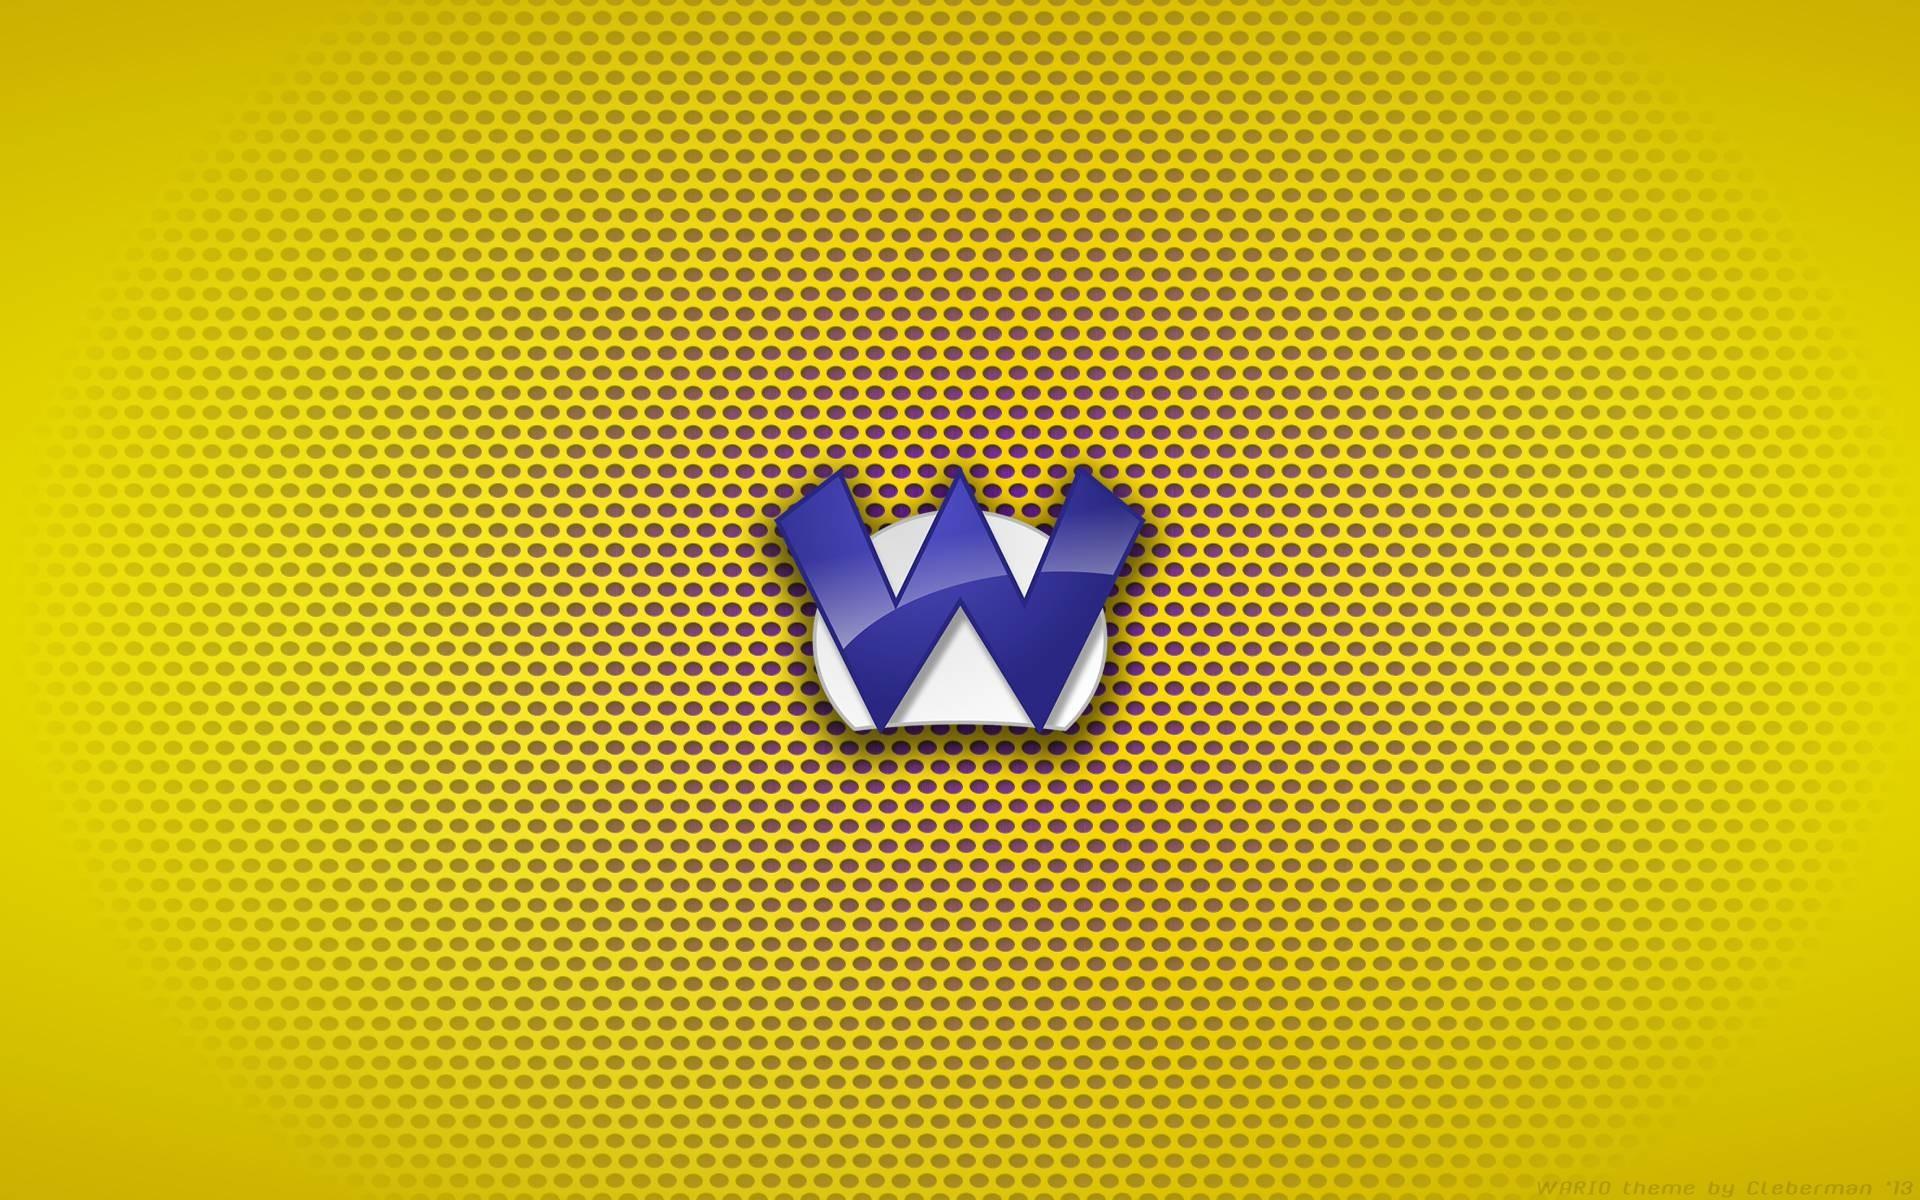 Wario Computer Wallpapers, Desktop Backgrounds Id: 381092